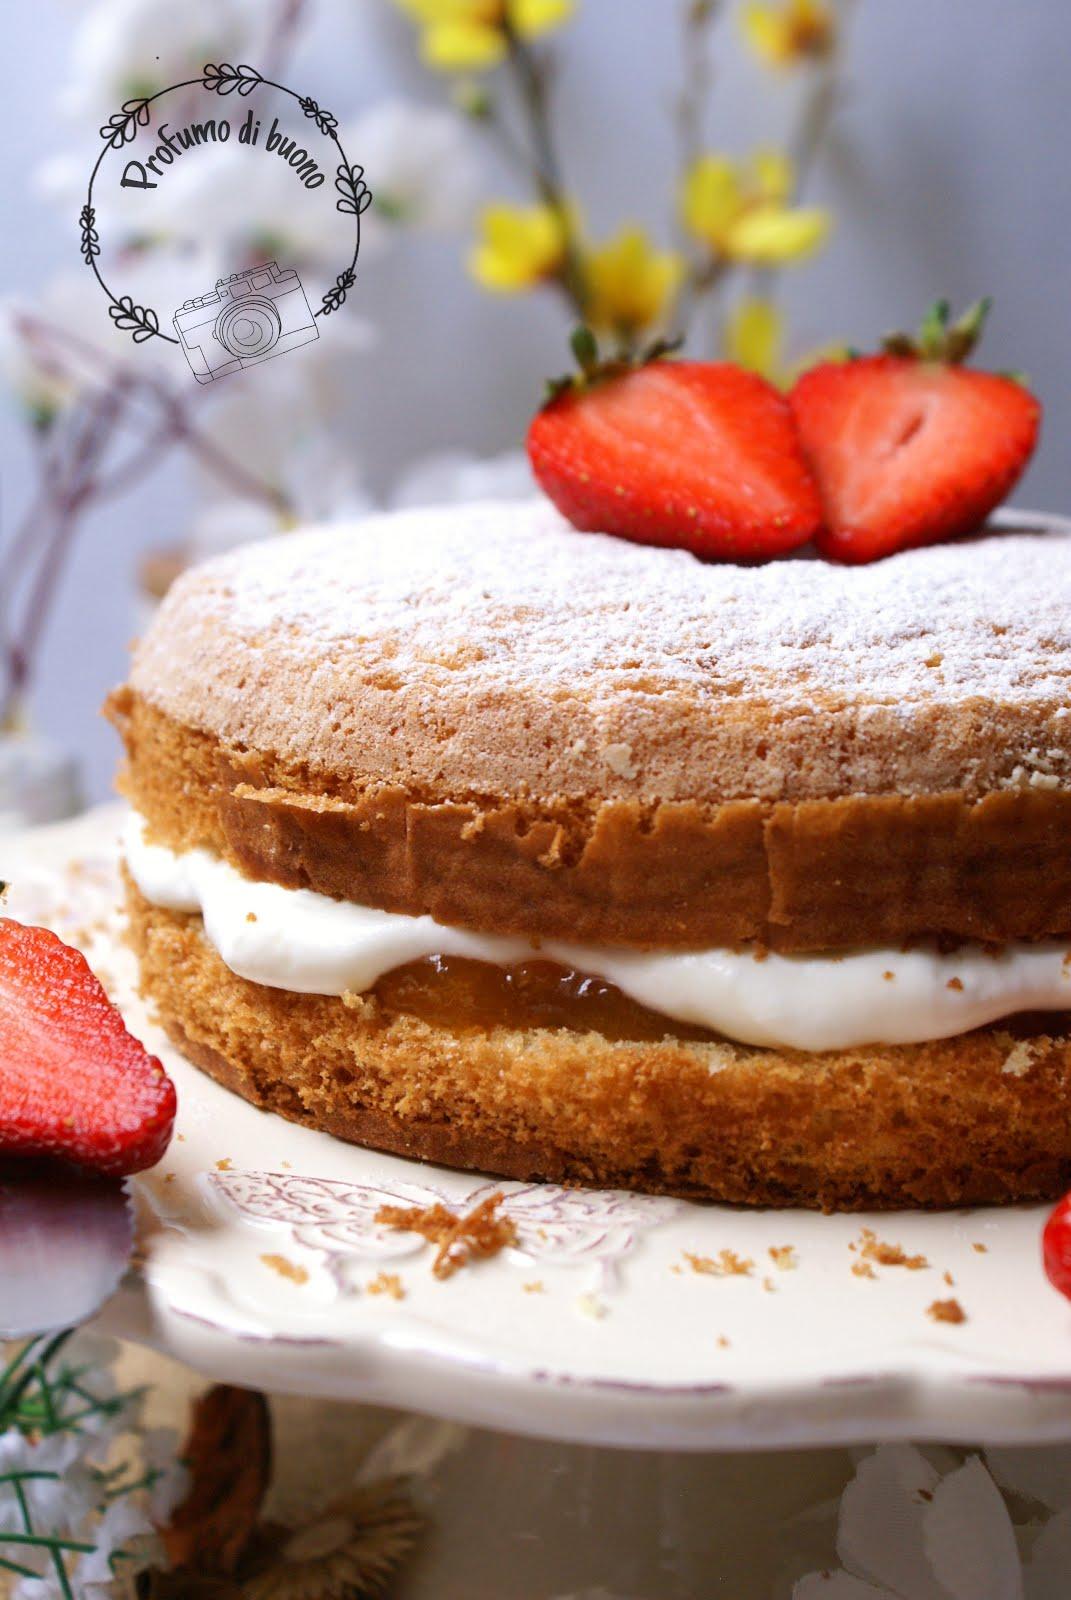 Victoria Sponge Cake senza glutine con farine naturali farcita con crema di yogurt e panna e marmellata di albicocche. Servita con una spolverata di zucchero a velo e fragole fresche.